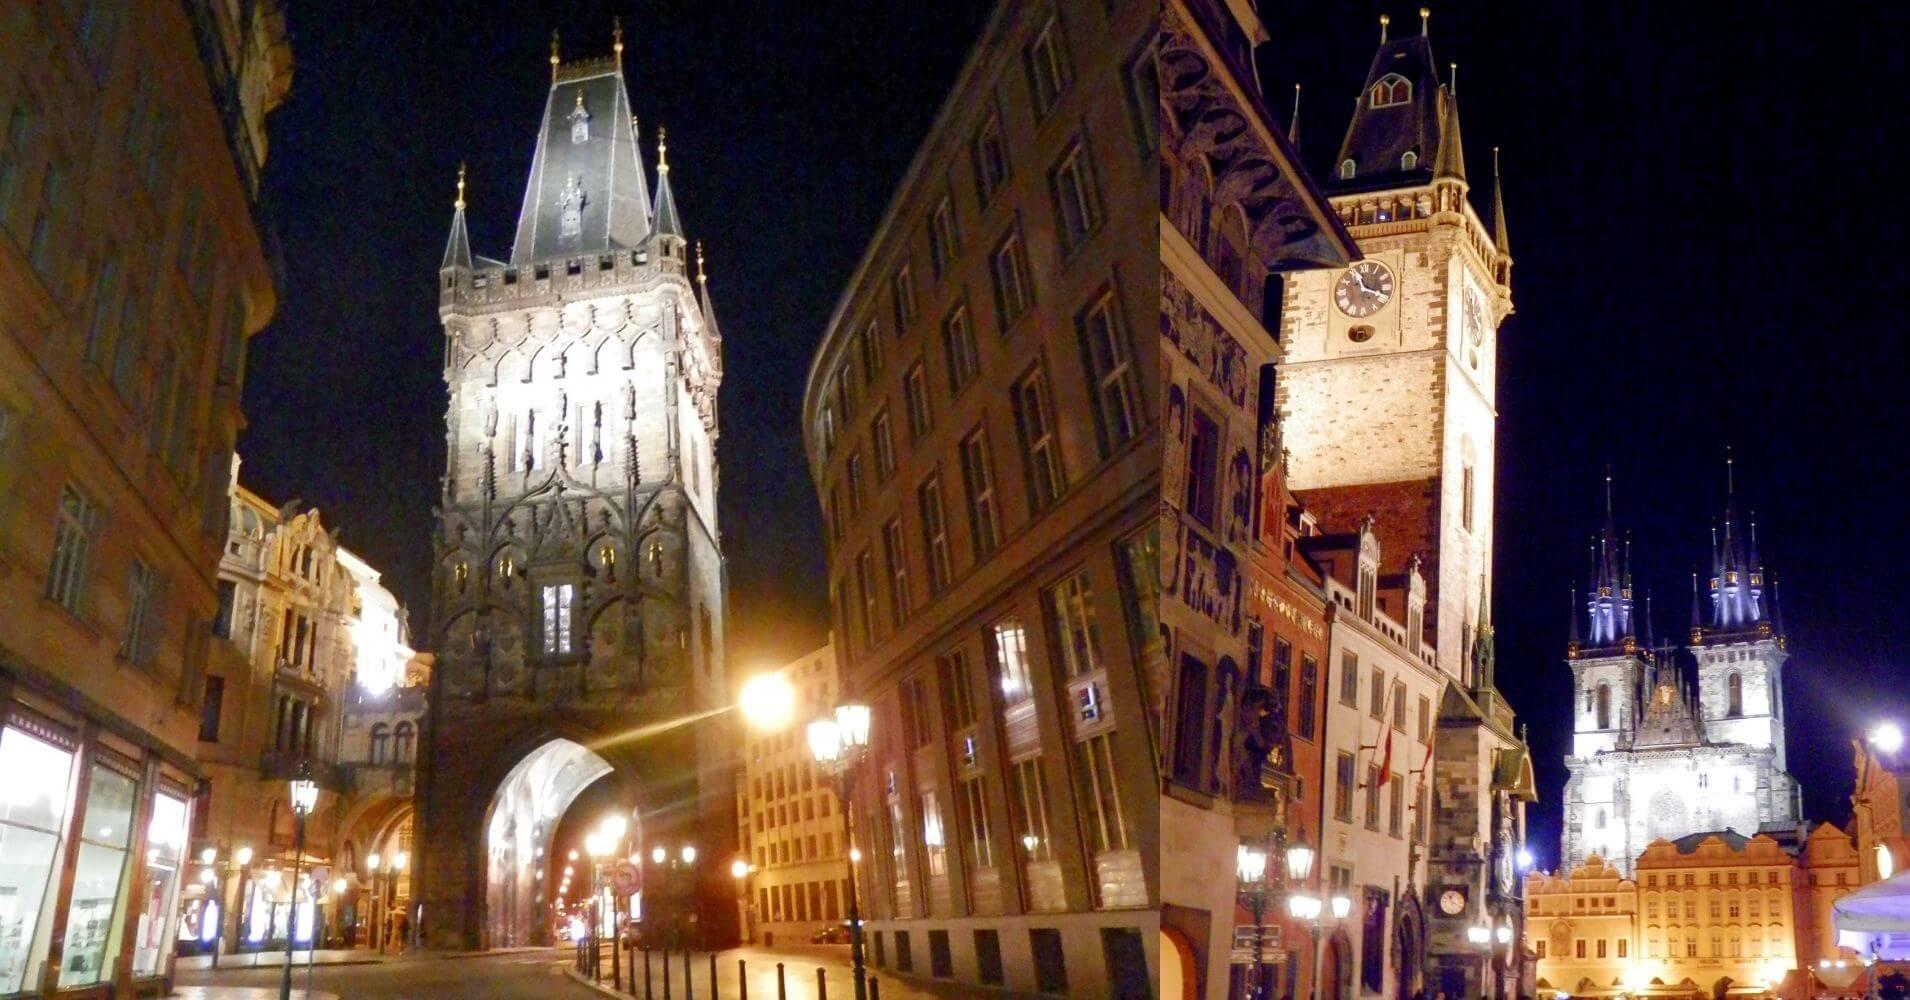 Torre de la Polvora y Stare Mesto. Praga. República Checa.